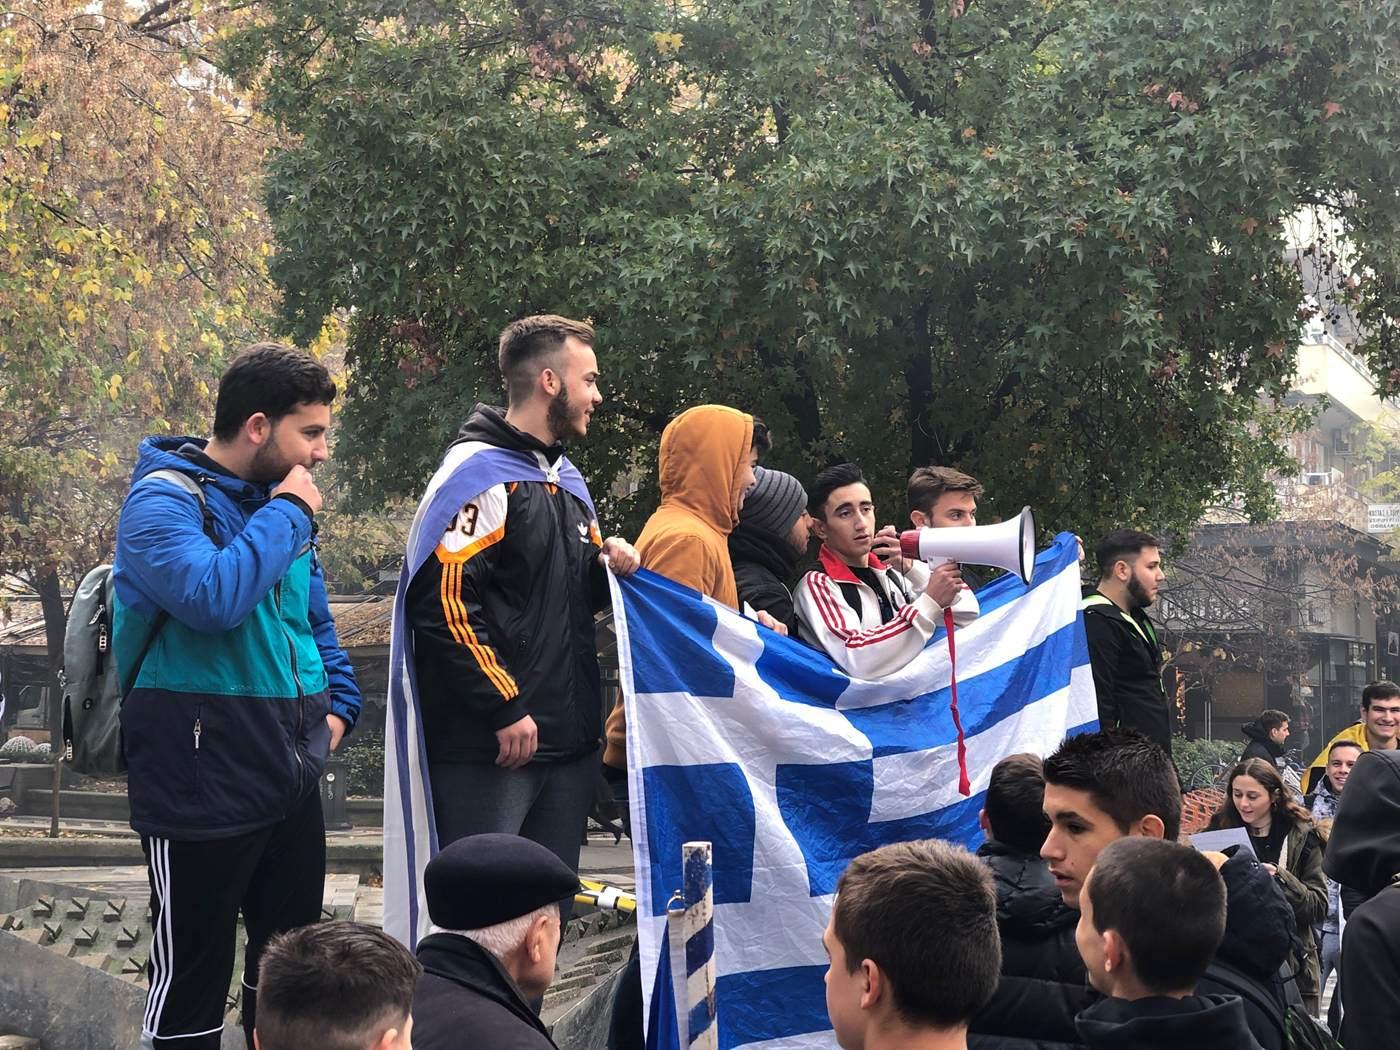 Δυναμική διαμαρτυρία μαθητών στο κέντρο της Λάρισας για τη Μακεδονία (φωτό - video)